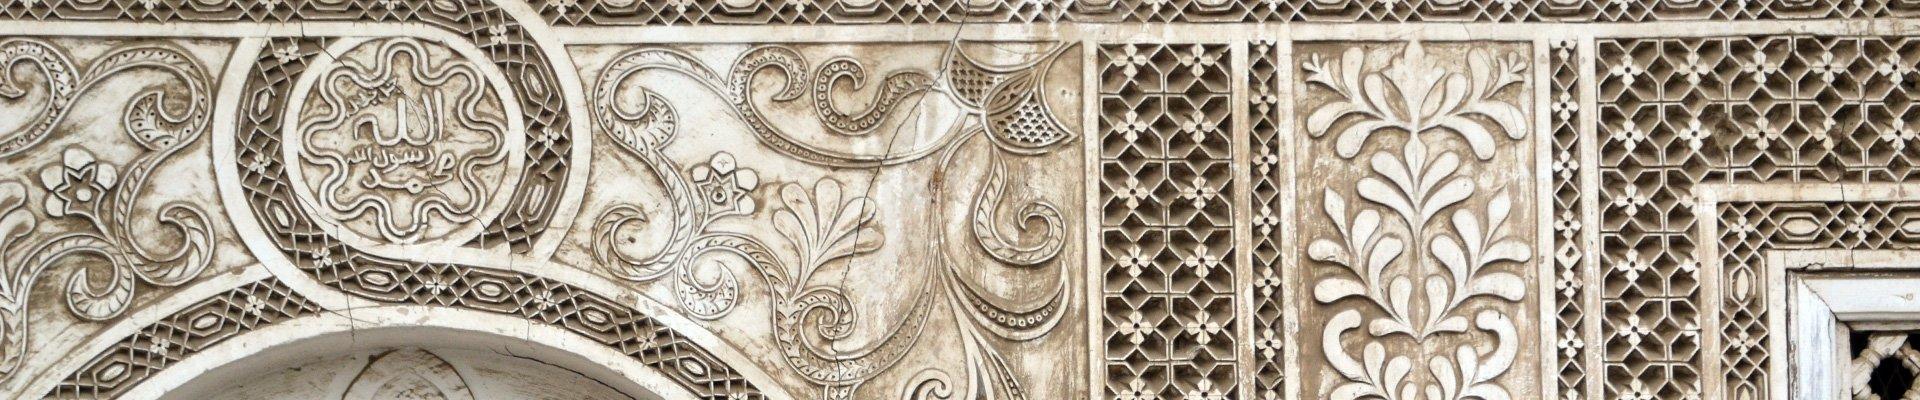 Façade Detail